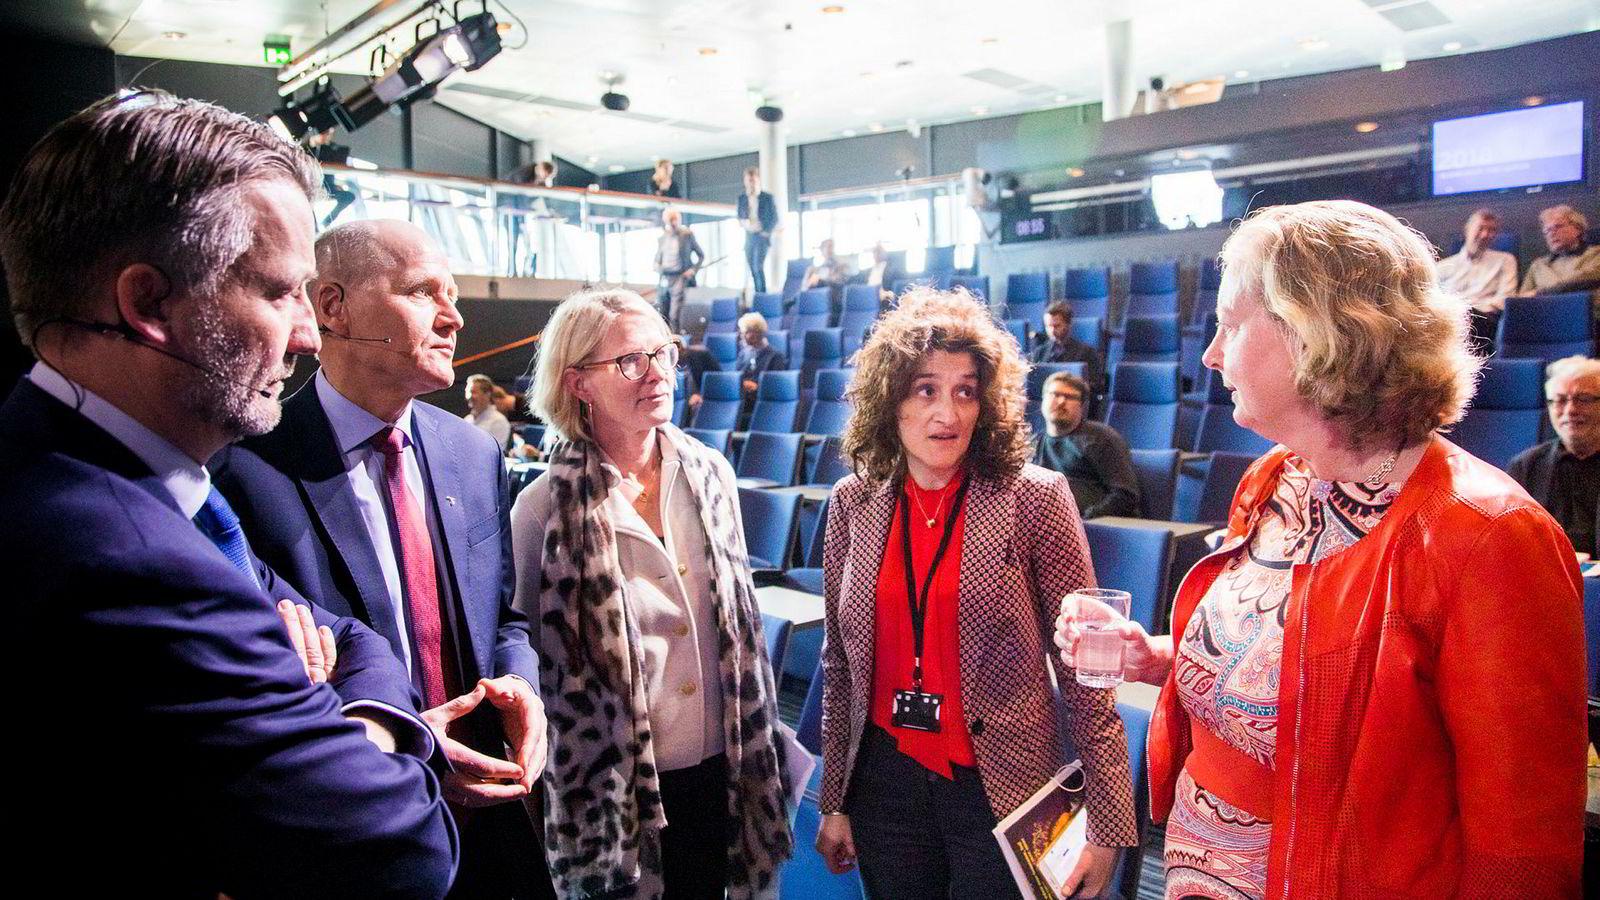 Etter at Berit Svendsen (til høyre) forsvant ut av Telenors konsernledelse er teknologidirektør Ruza Sabanovic (nummer to fra høyre) den eneste med ingeniørutdannelse igjen i konsernledelsen. Her sammen med finansdirektør Jørgen C. Arentz Rostrup, konsernsjef Sigve Brekke og hr-direktør Cecilie Blydt Heuch.